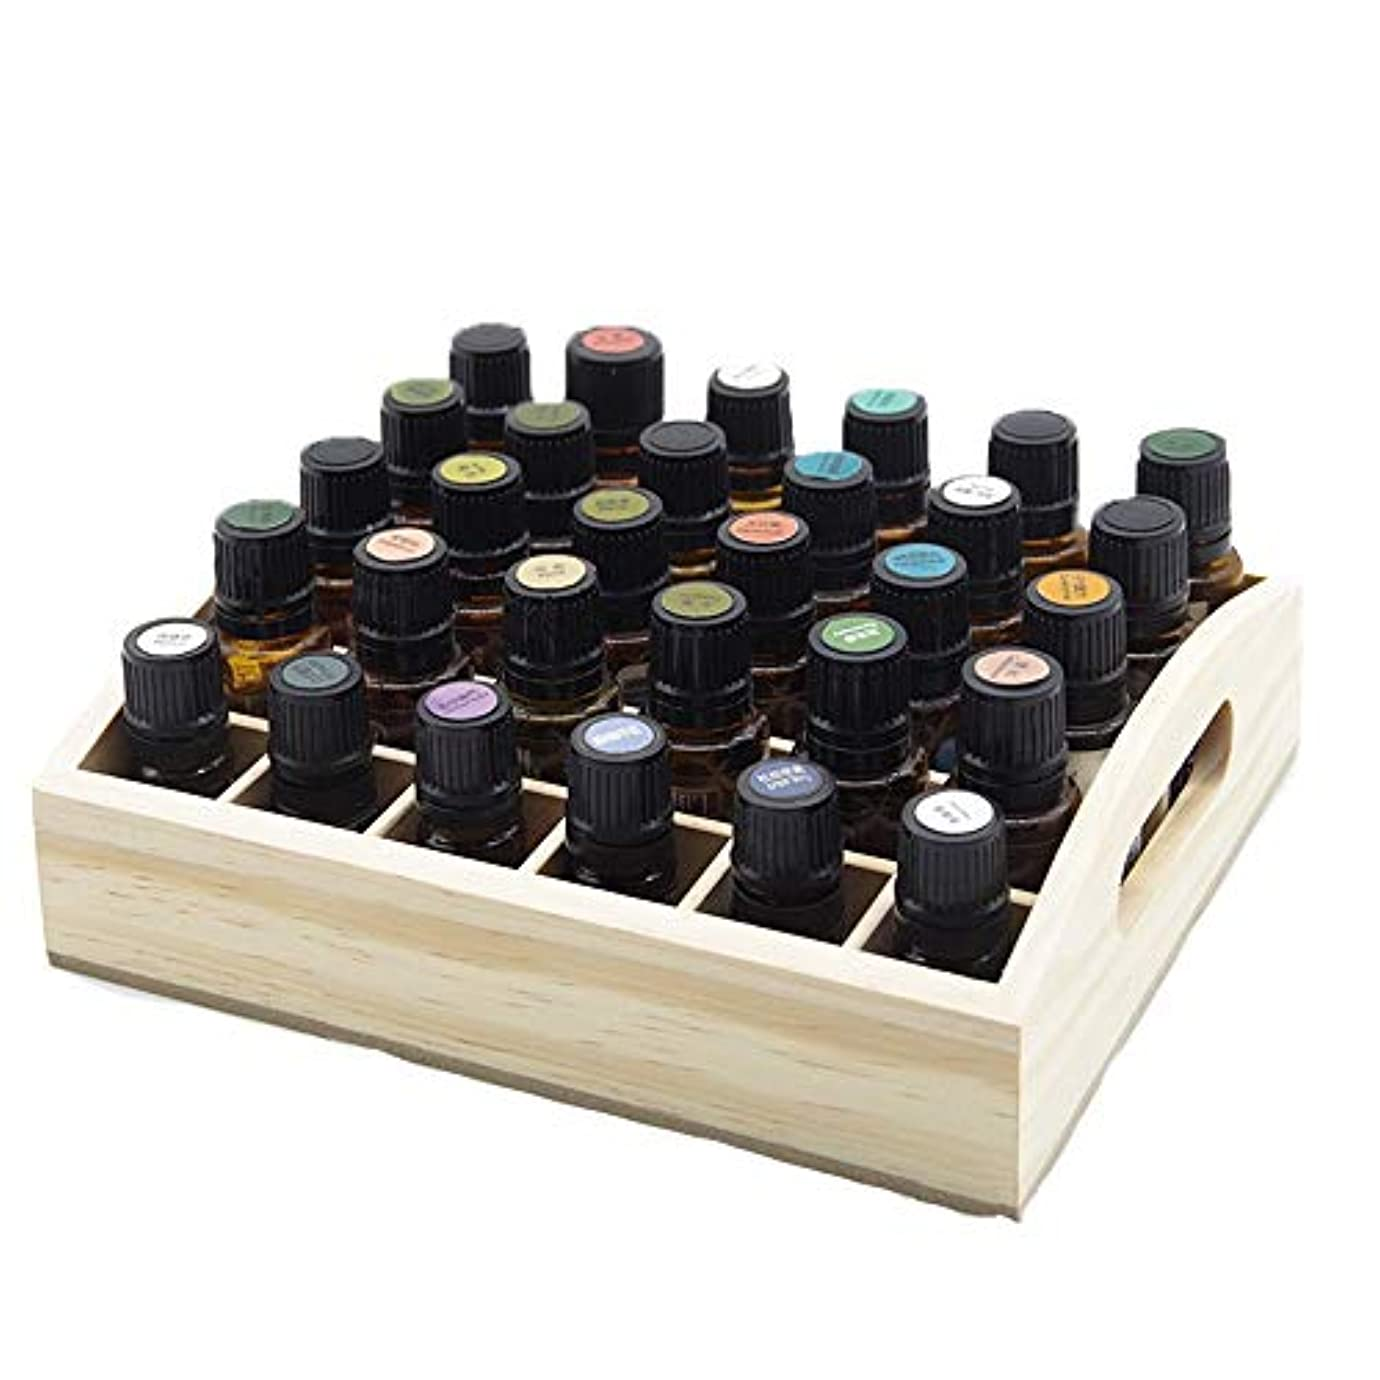 涙密反応する30スロット木製エッセンシャルオイルストレージホルダーは、30本のボトルを保持します アロマセラピー製品 (色 : Natural, サイズ : 21.5X18.3X3.5CM)